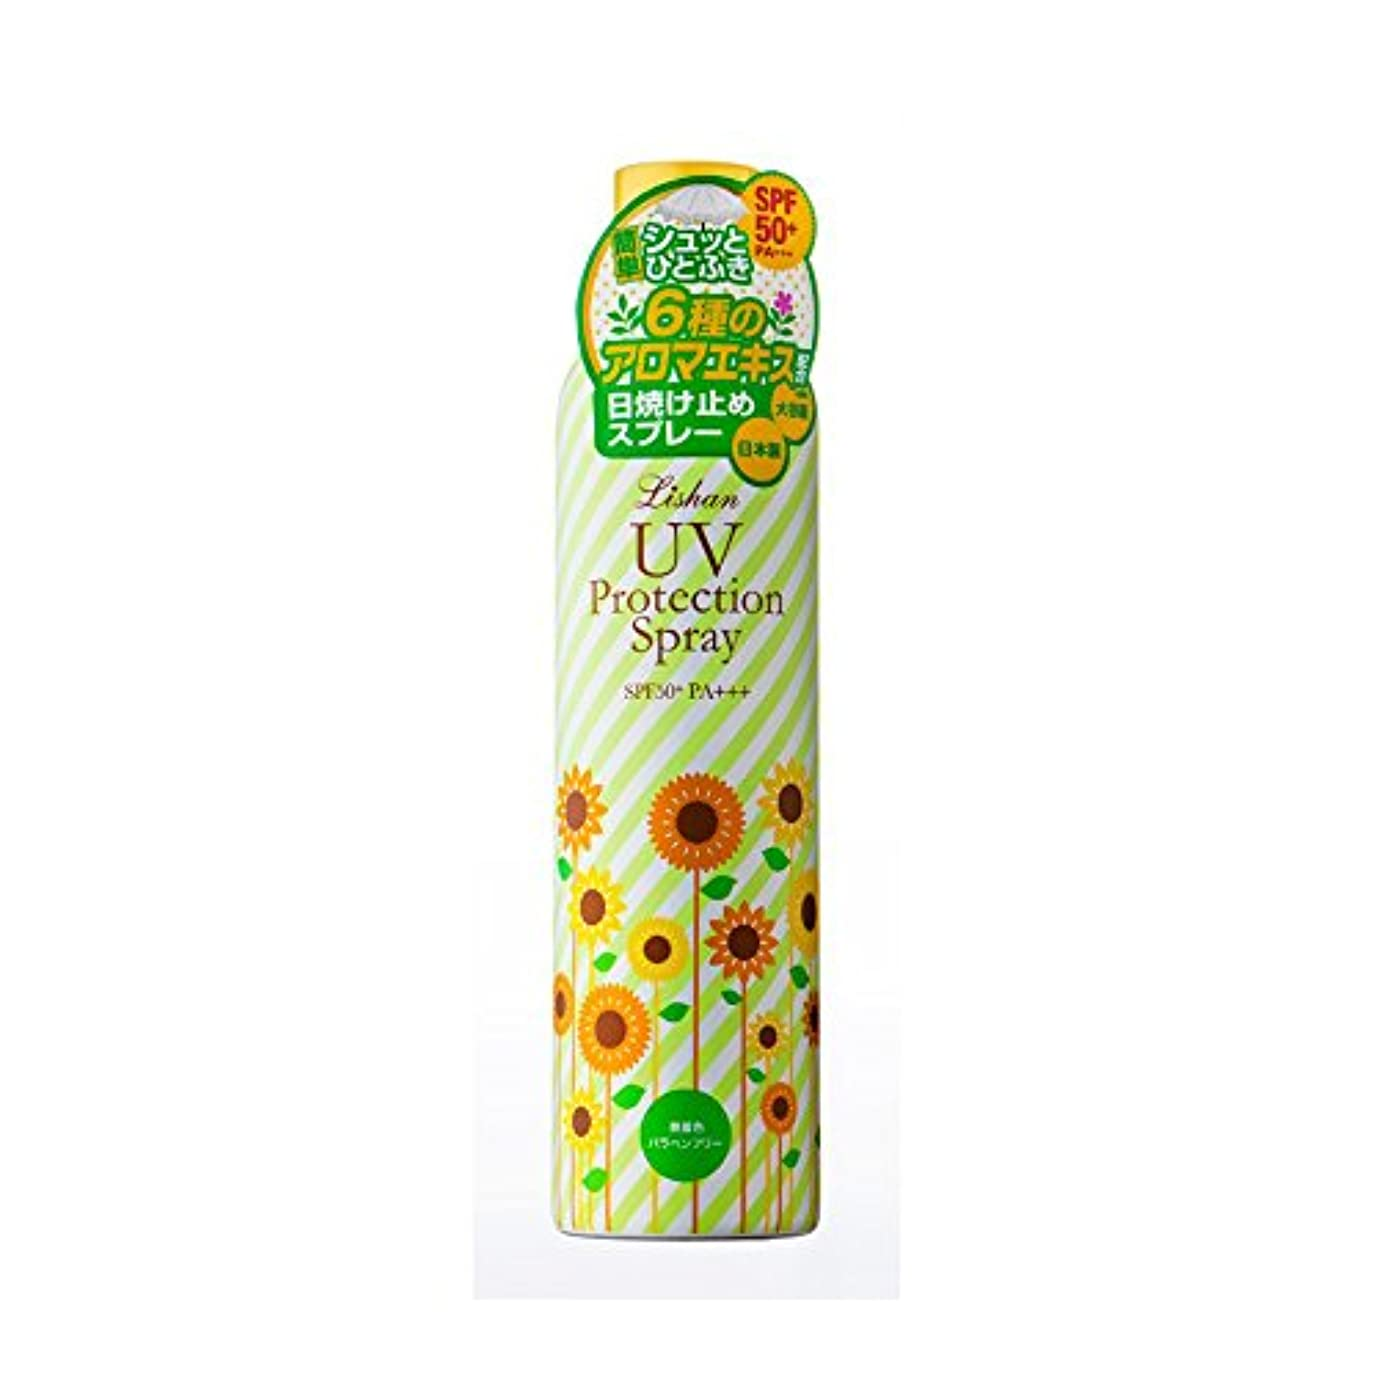 ポテト偏見無駄リシャン 大容量UVスプレー アロマミックスの香り (230g)